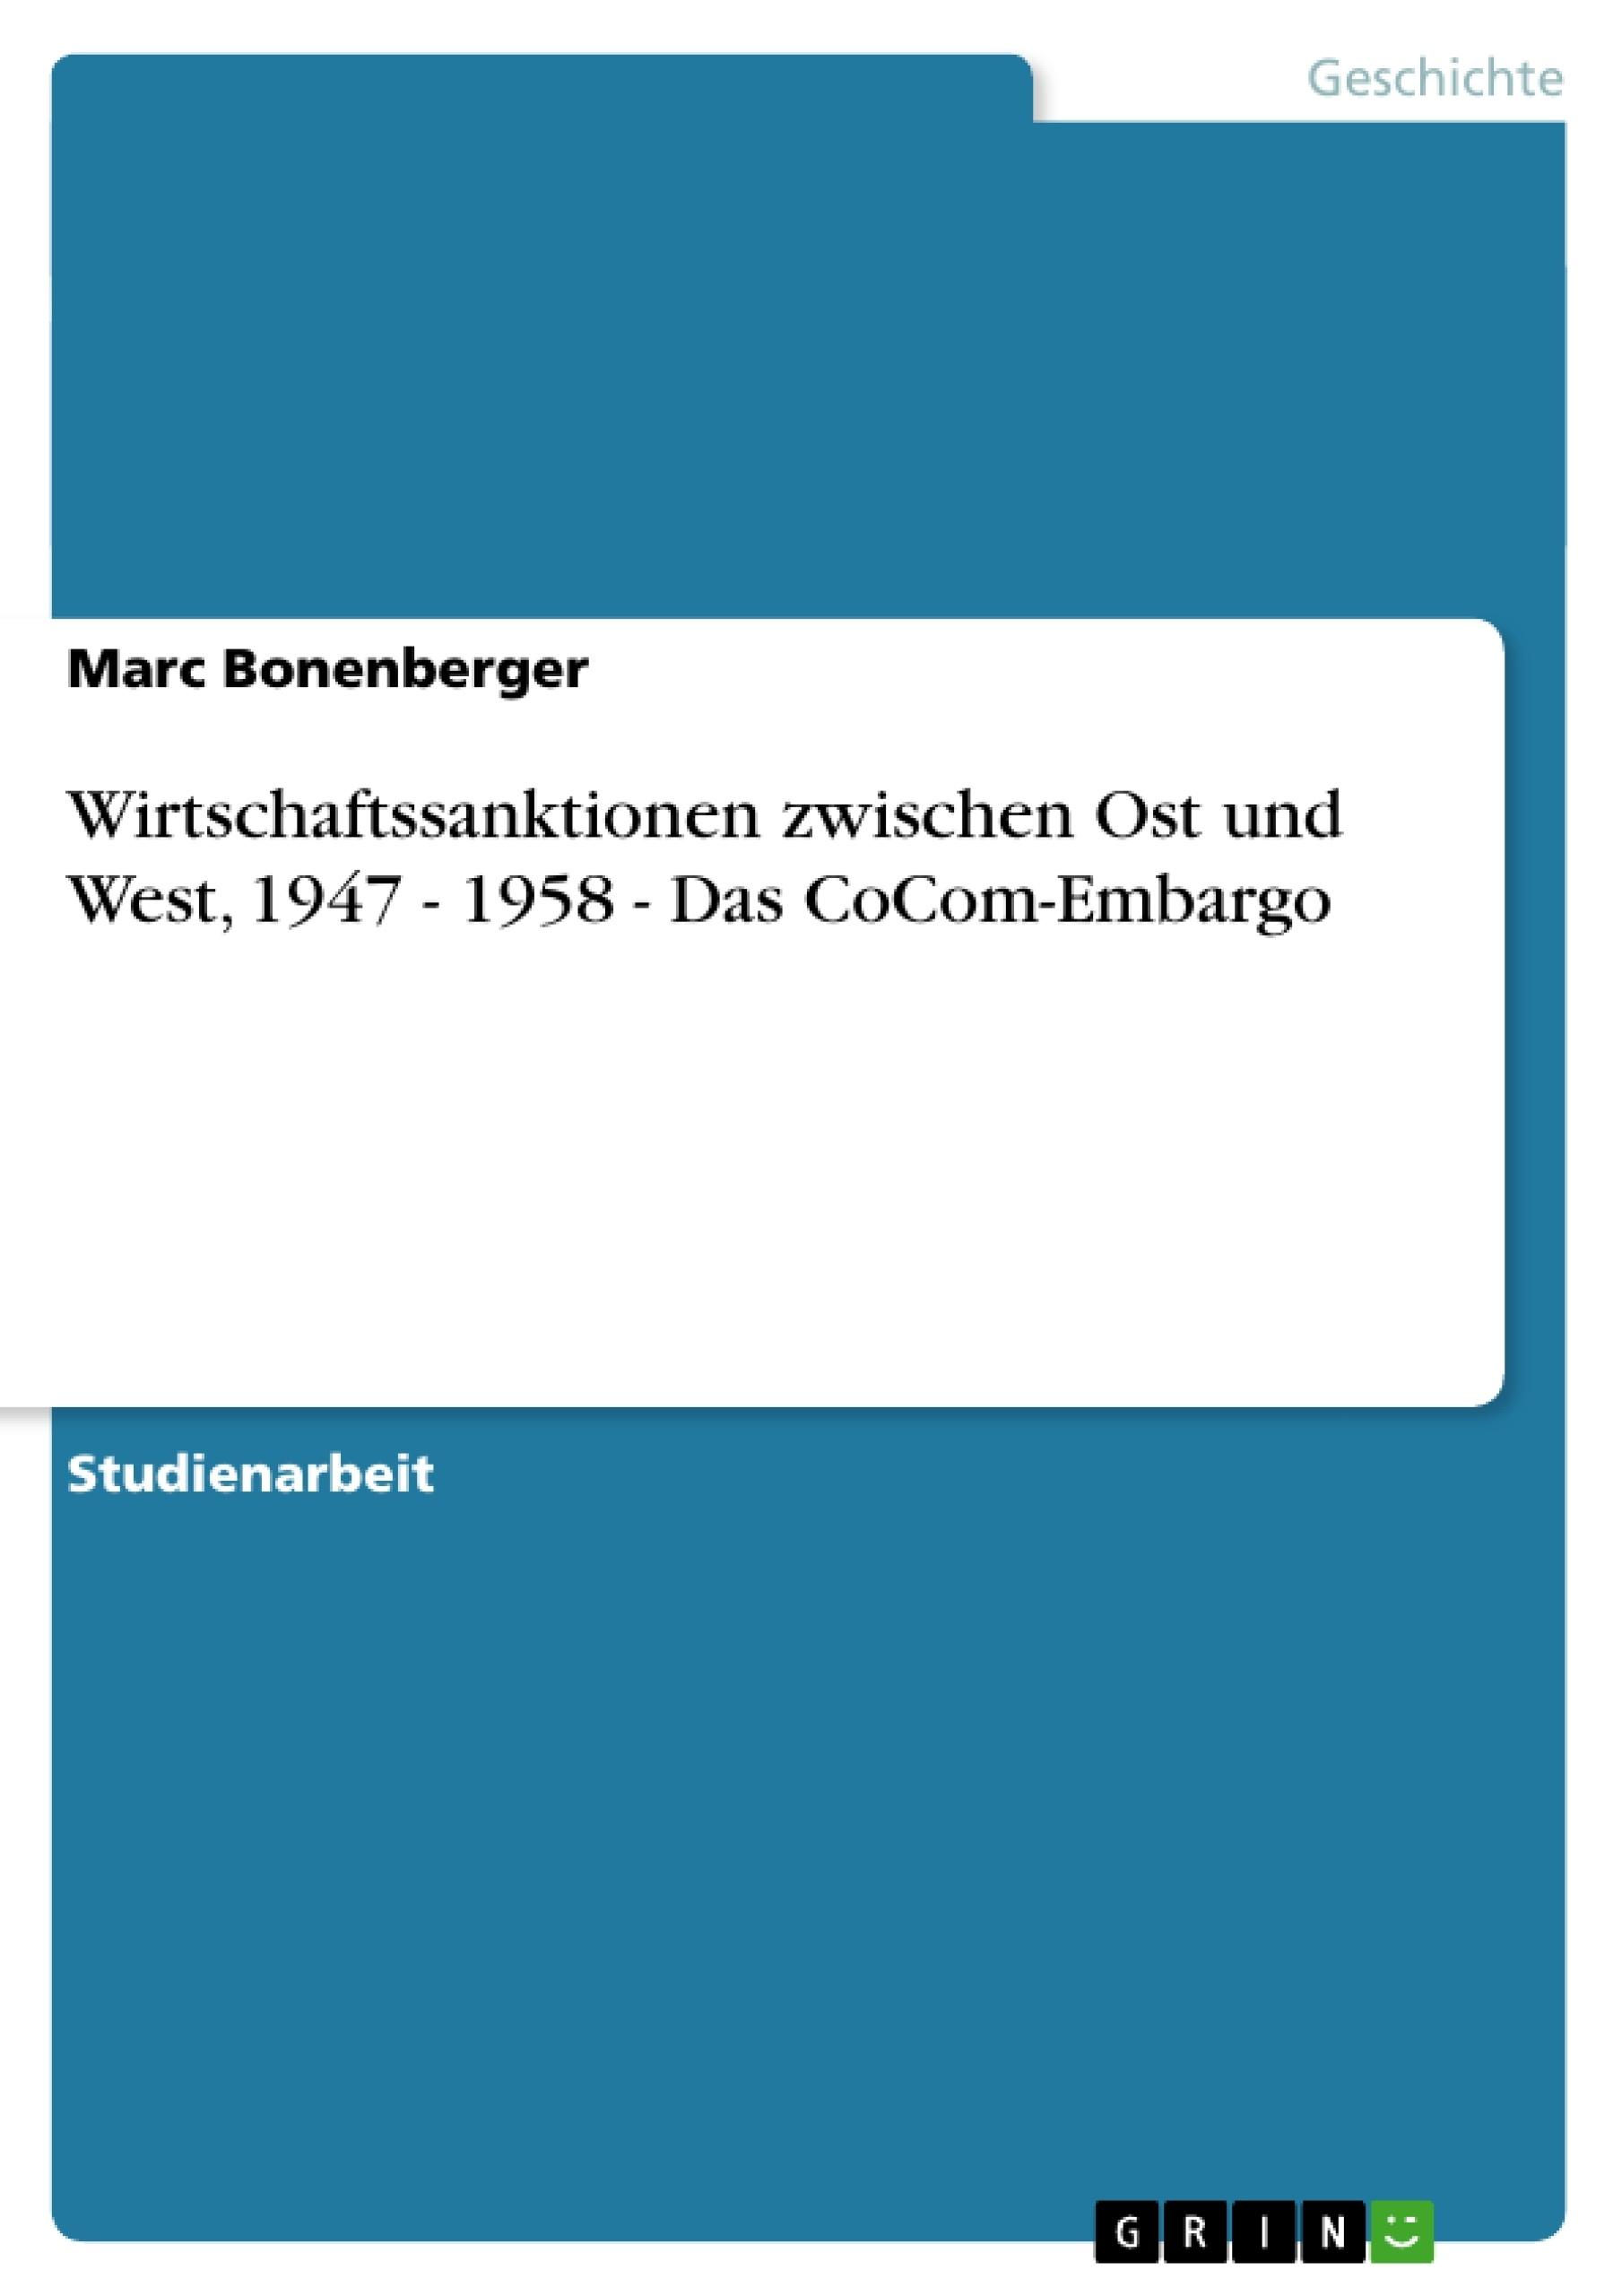 Titel: Wirtschaftssanktionen zwischen Ost und West, 1947 - 1958 - Das CoCom-Embargo